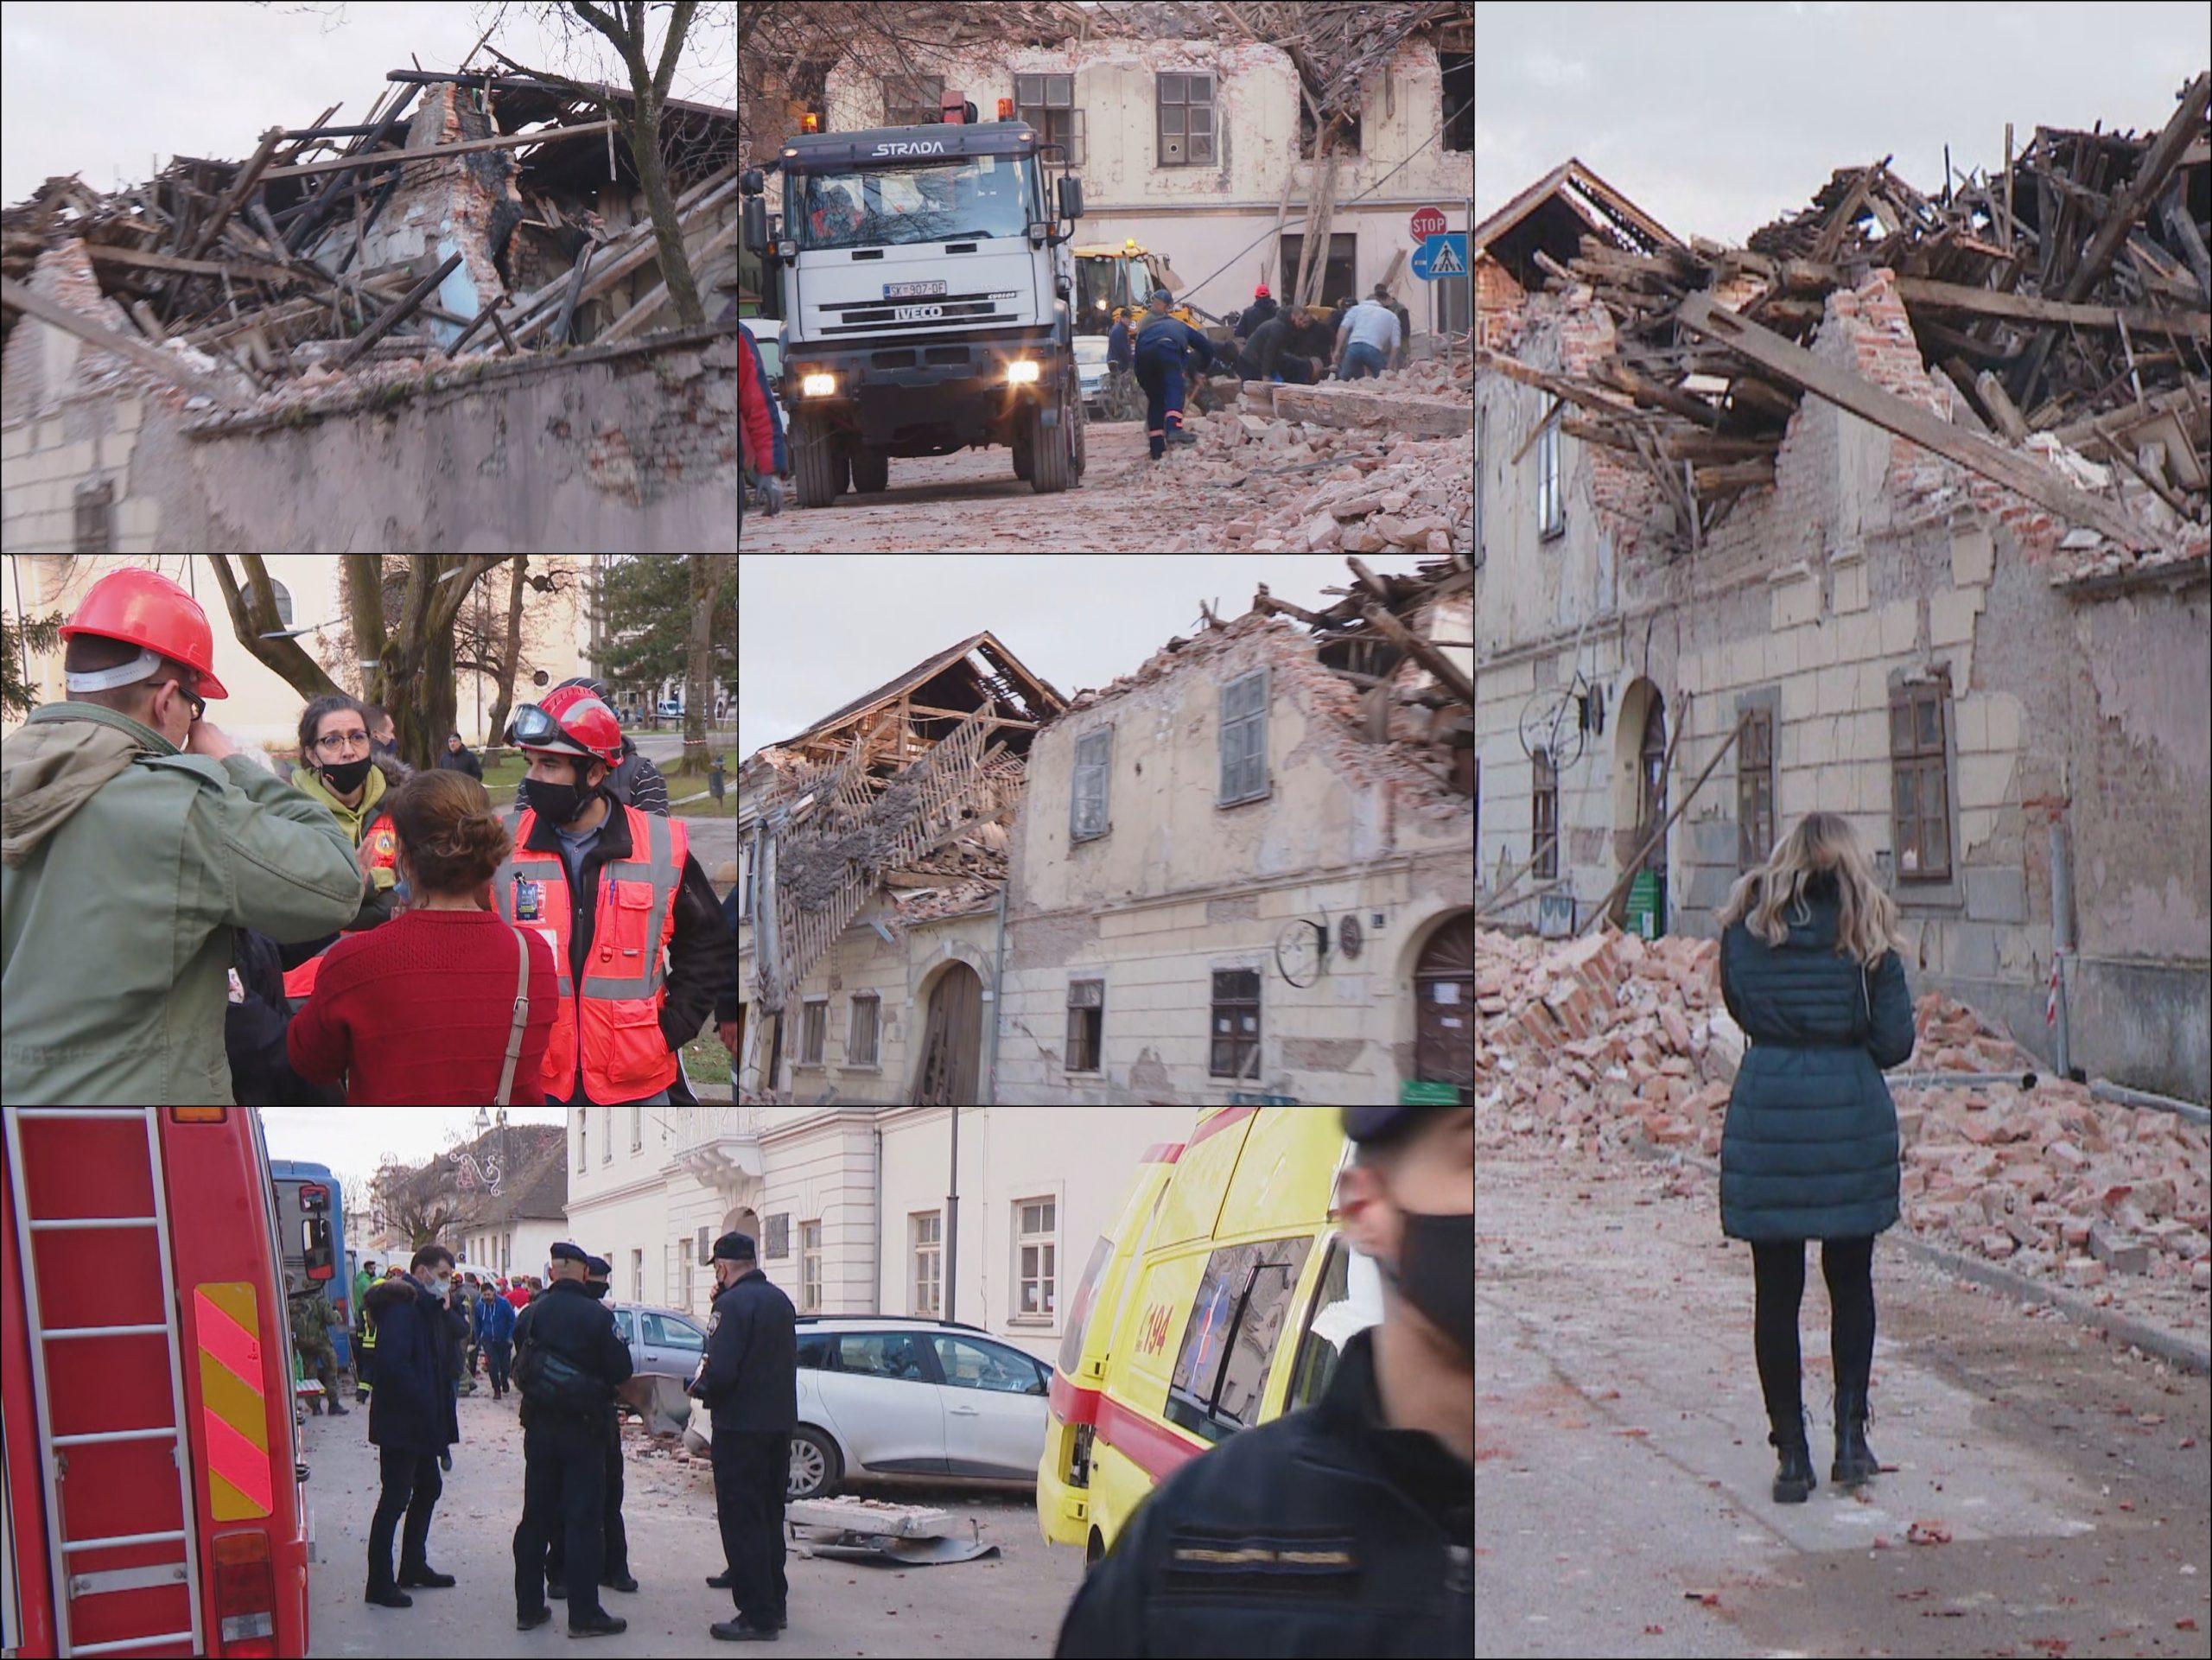 Hrvatska se ujedinila u nevolji: Brojni građani nude besplatan smještaj, uključili se poznati sportaši